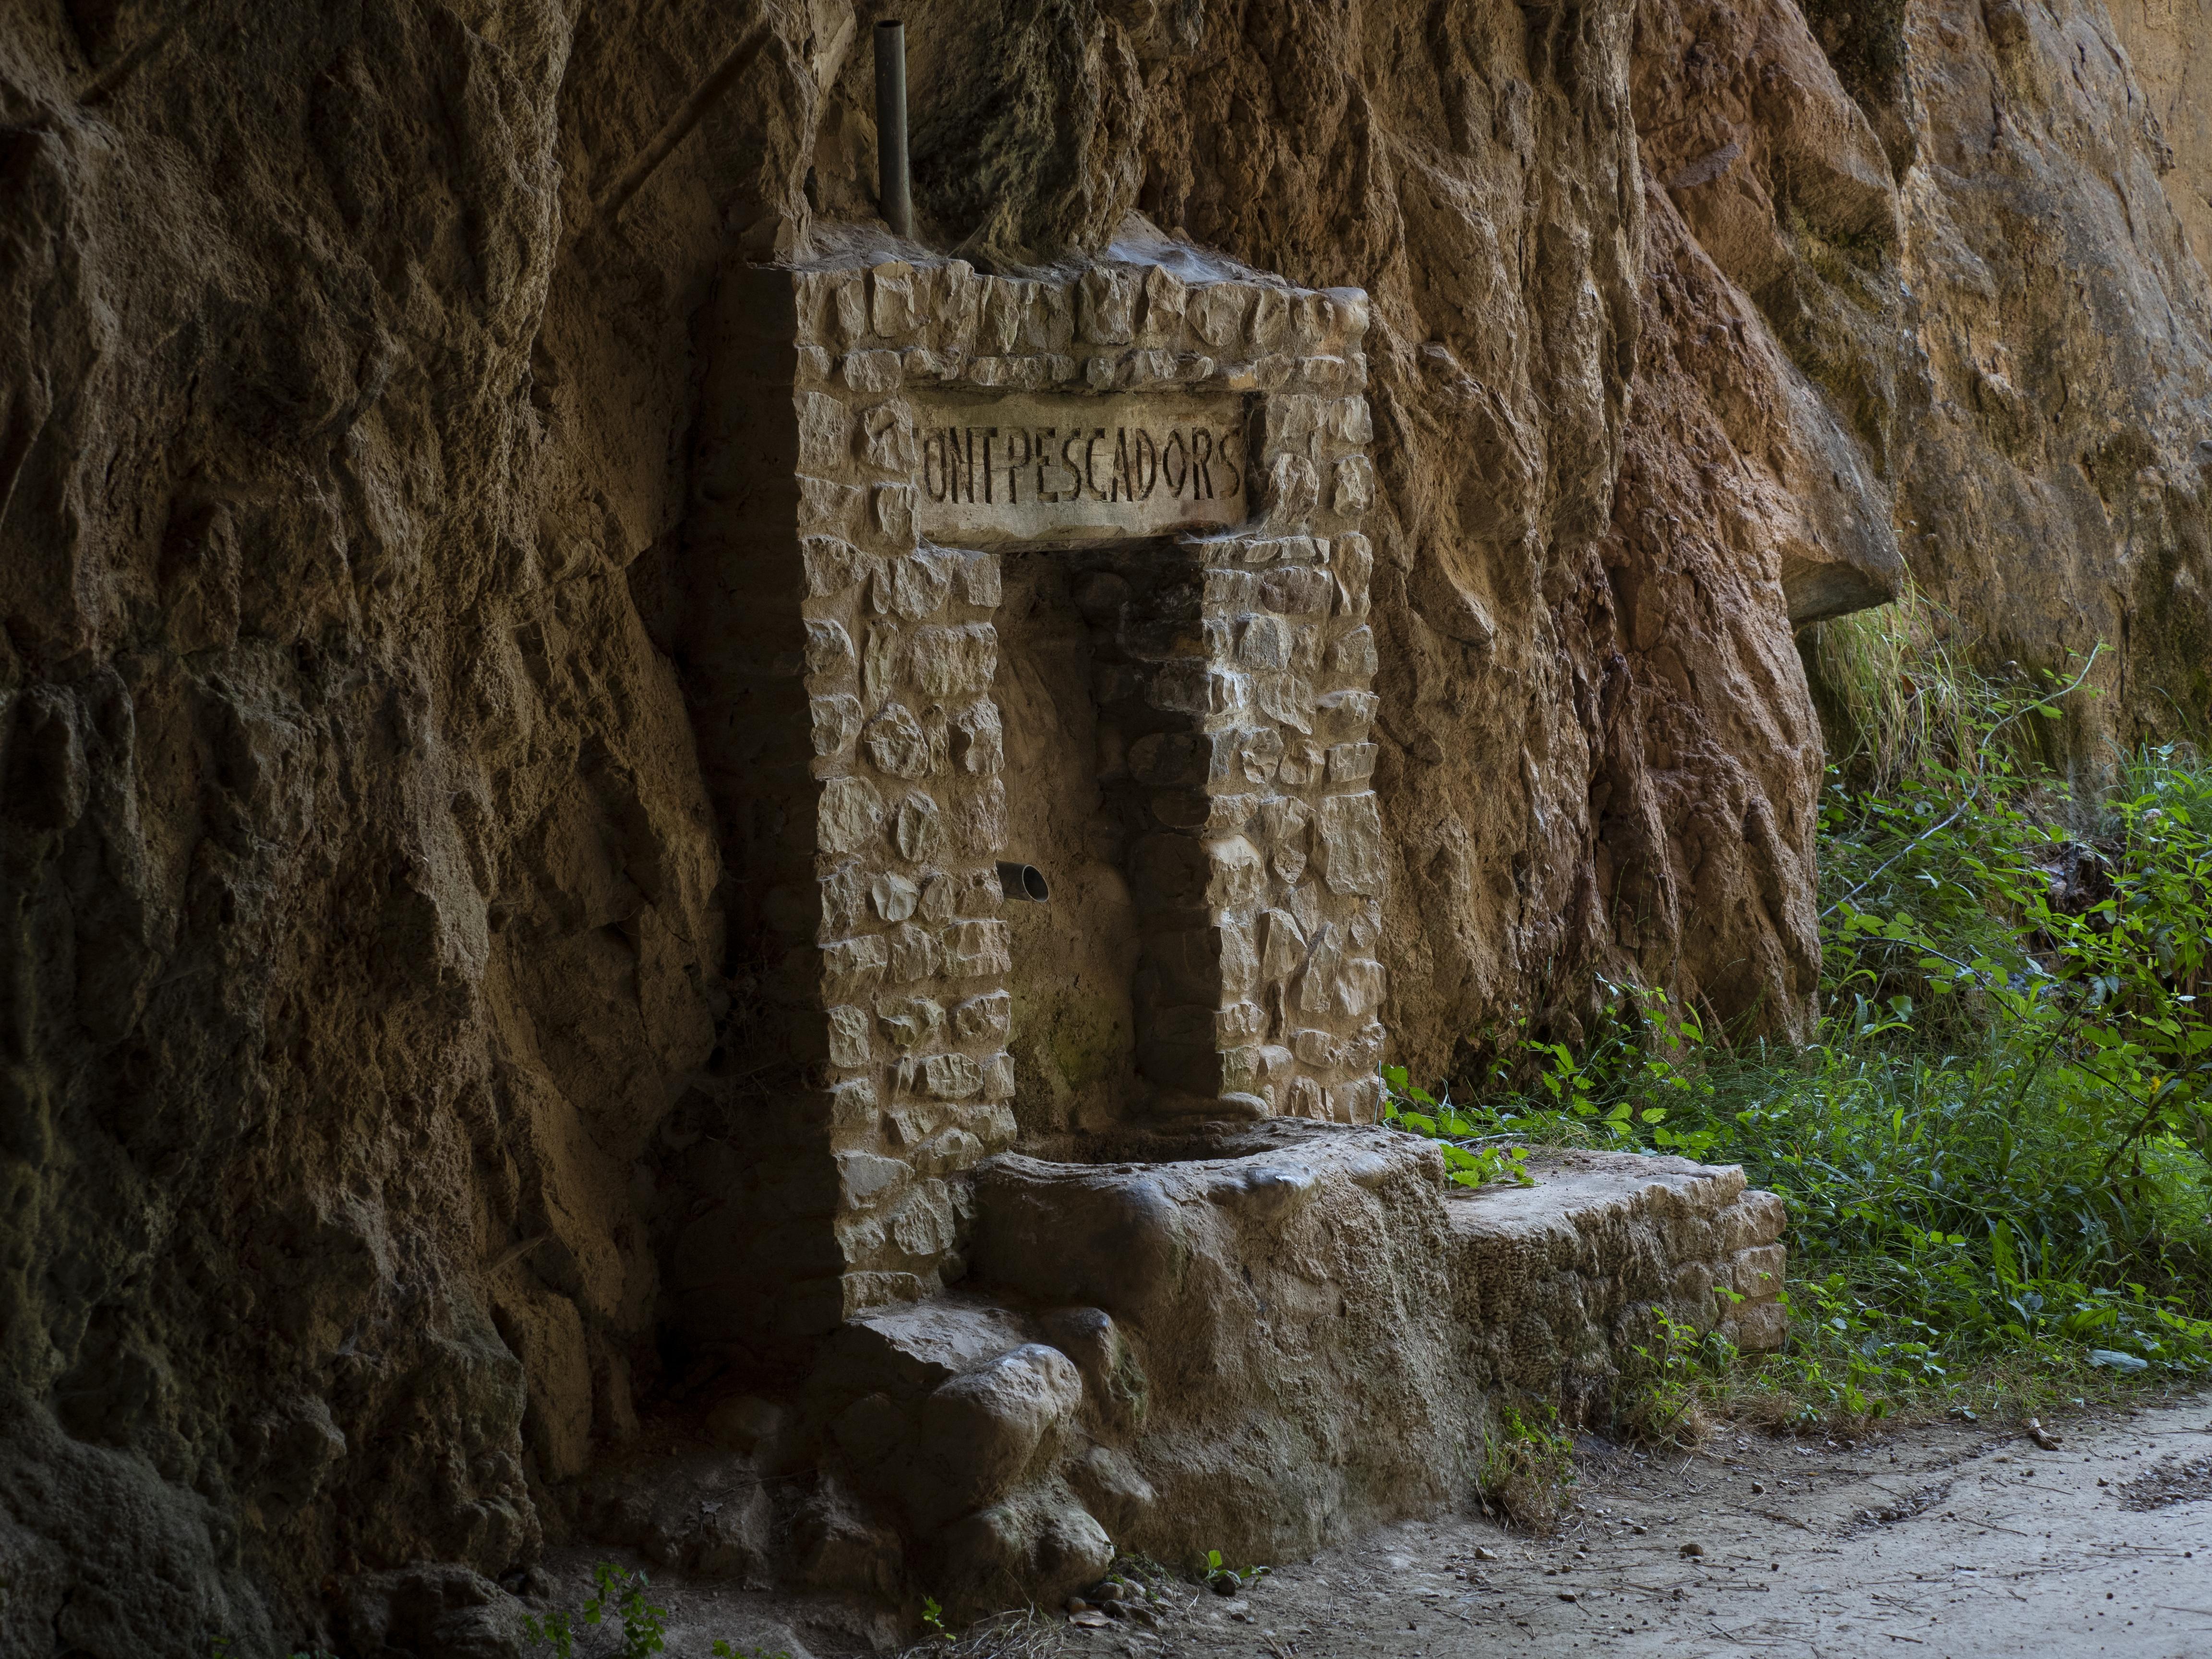 Una de les fonts al recorregut de la Via Verda de Cal Rosal a Pedret. FOTO: Anna E. Puig